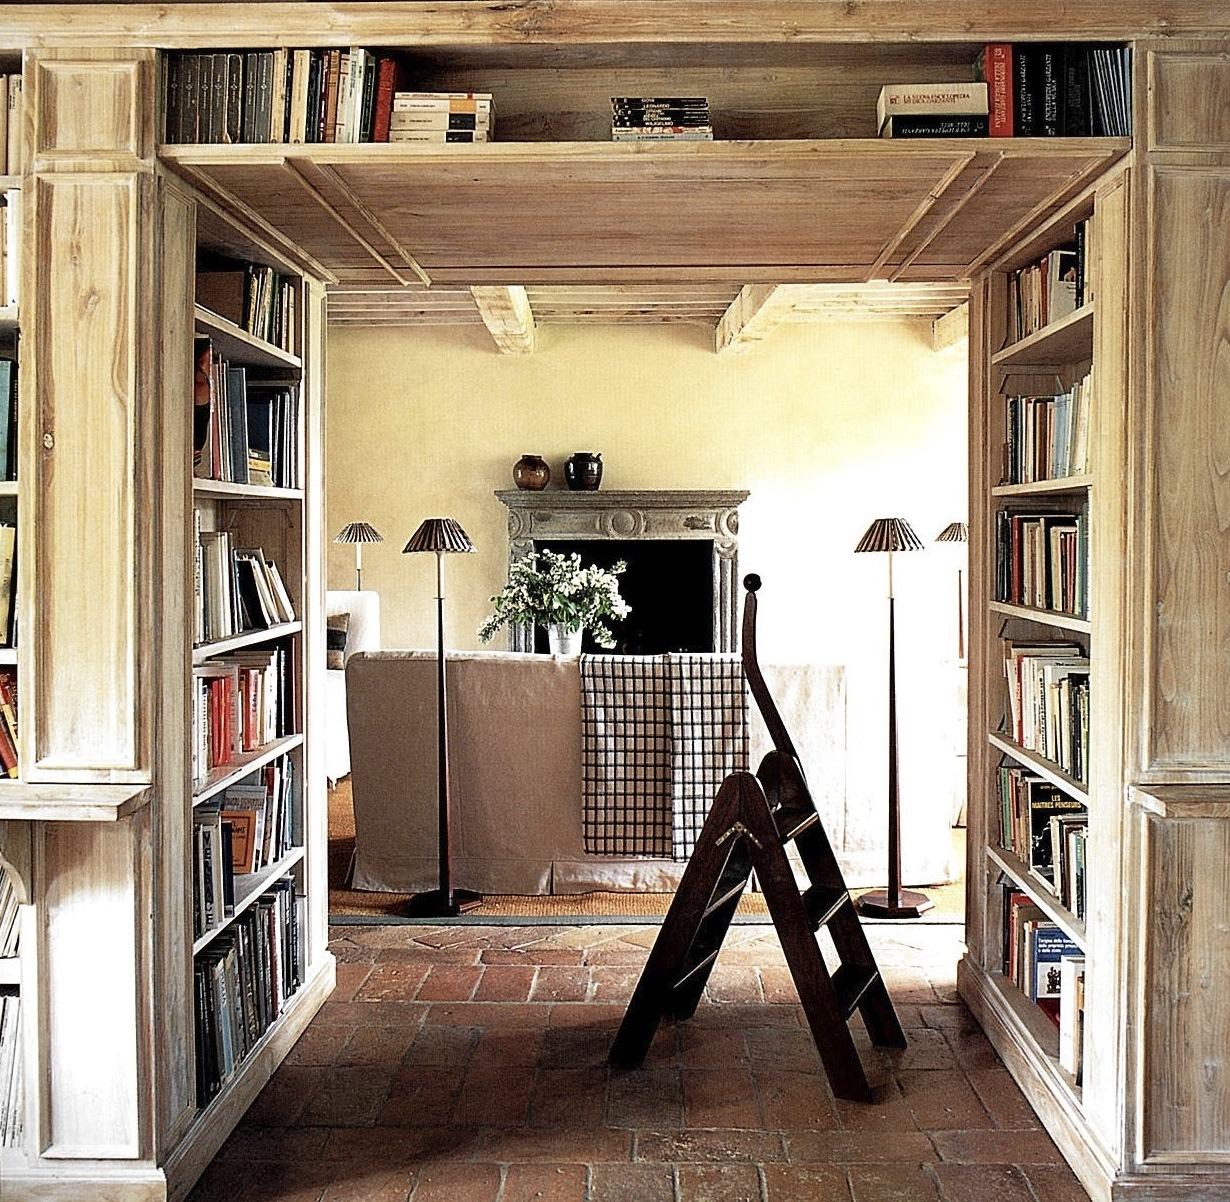 Super BOISERIE & C.: Boiserie - Libreria - Parete divisoria WT38